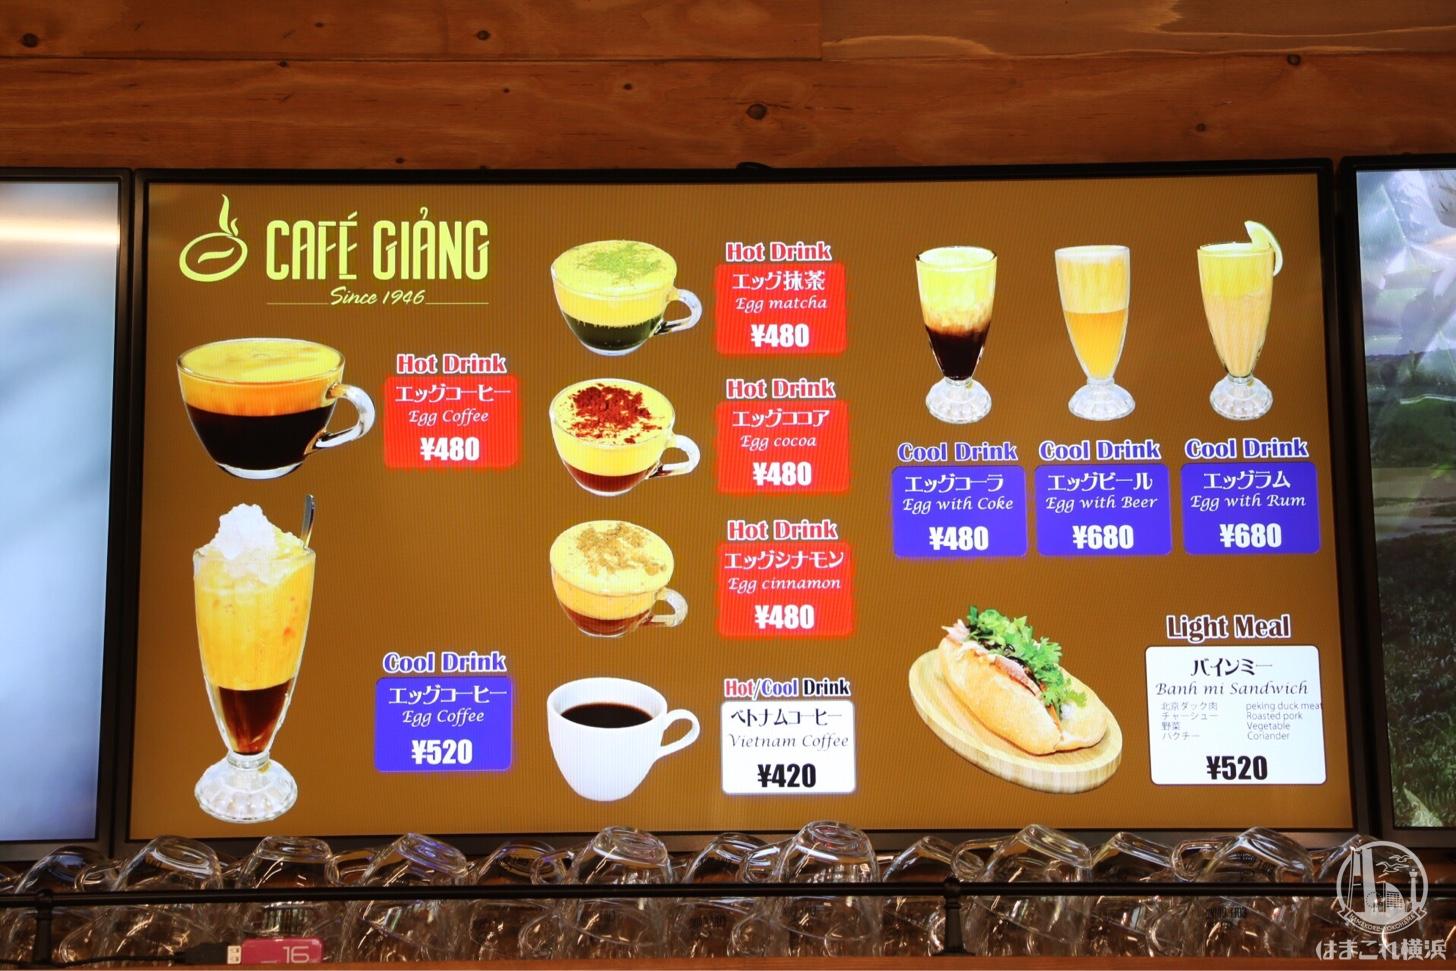 横浜中華街「カフェ ジャン」メニュー